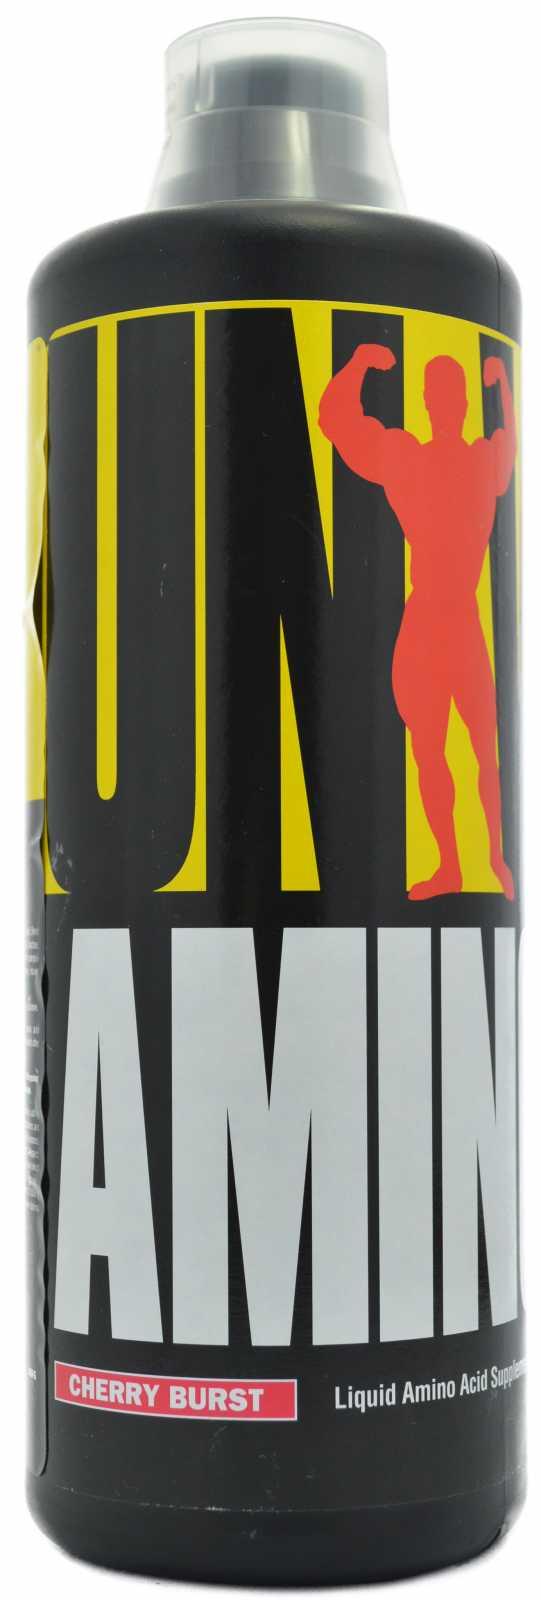 Amino Liquid на Universal Nutrition е с отличен аминокиселинен профил, с бързо усвояване от организма.